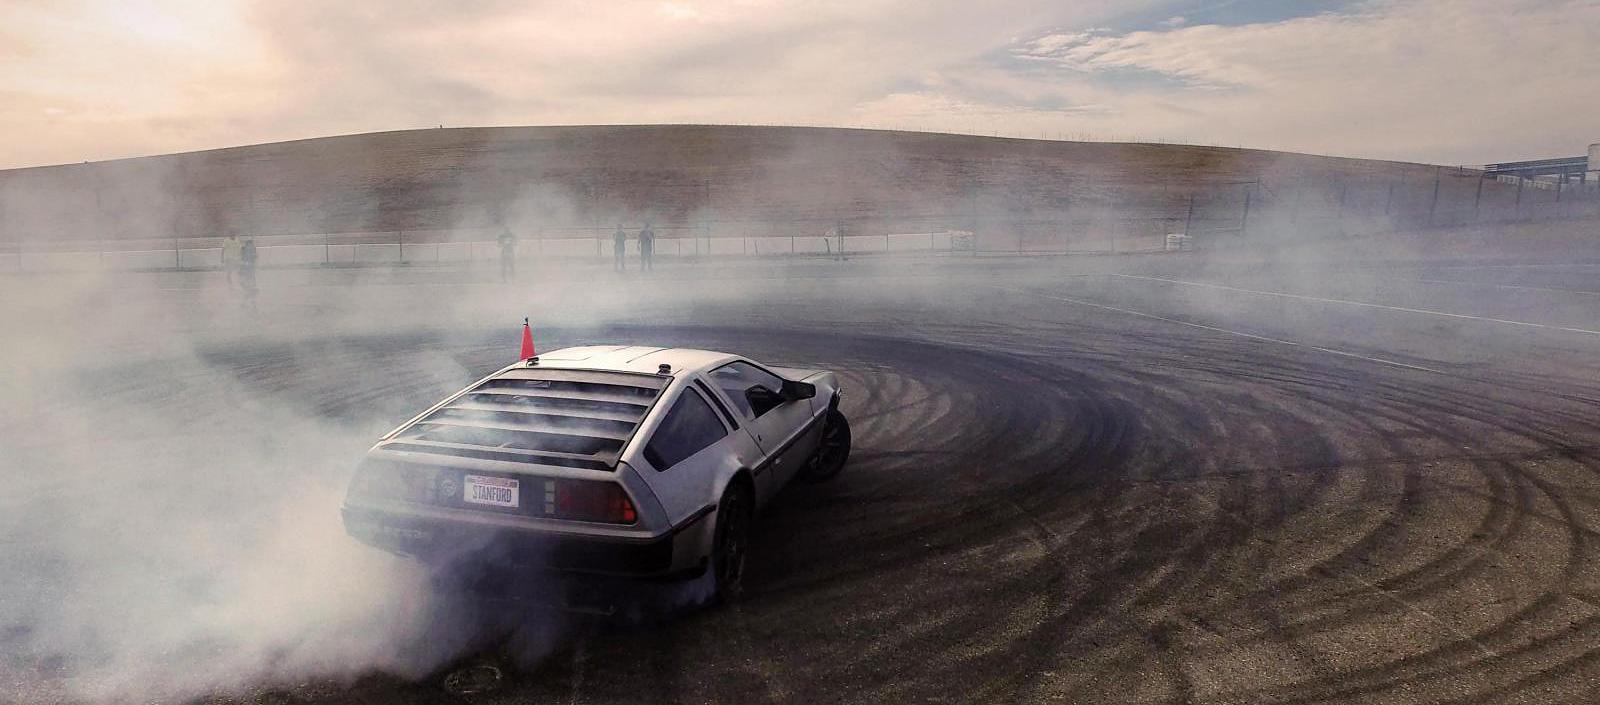 Робомобиль DeLorean научили дрифтить - 1